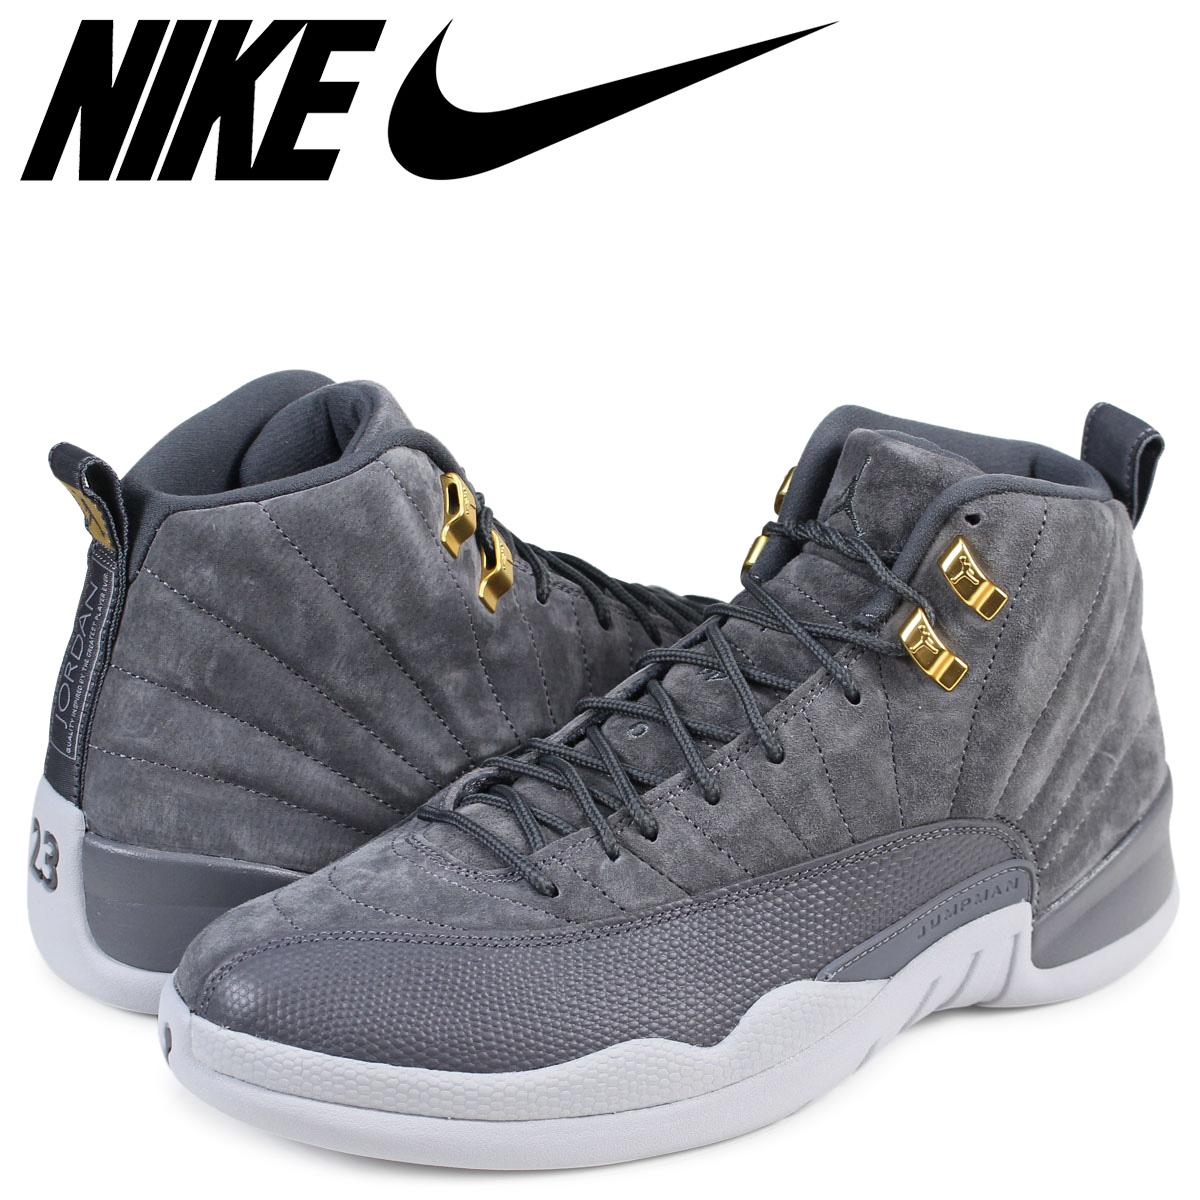 NIKE AIR JORDAN 12 RETRO Nike Air Jordan 12 nostalgic sneakers 130,690 005 men's gray